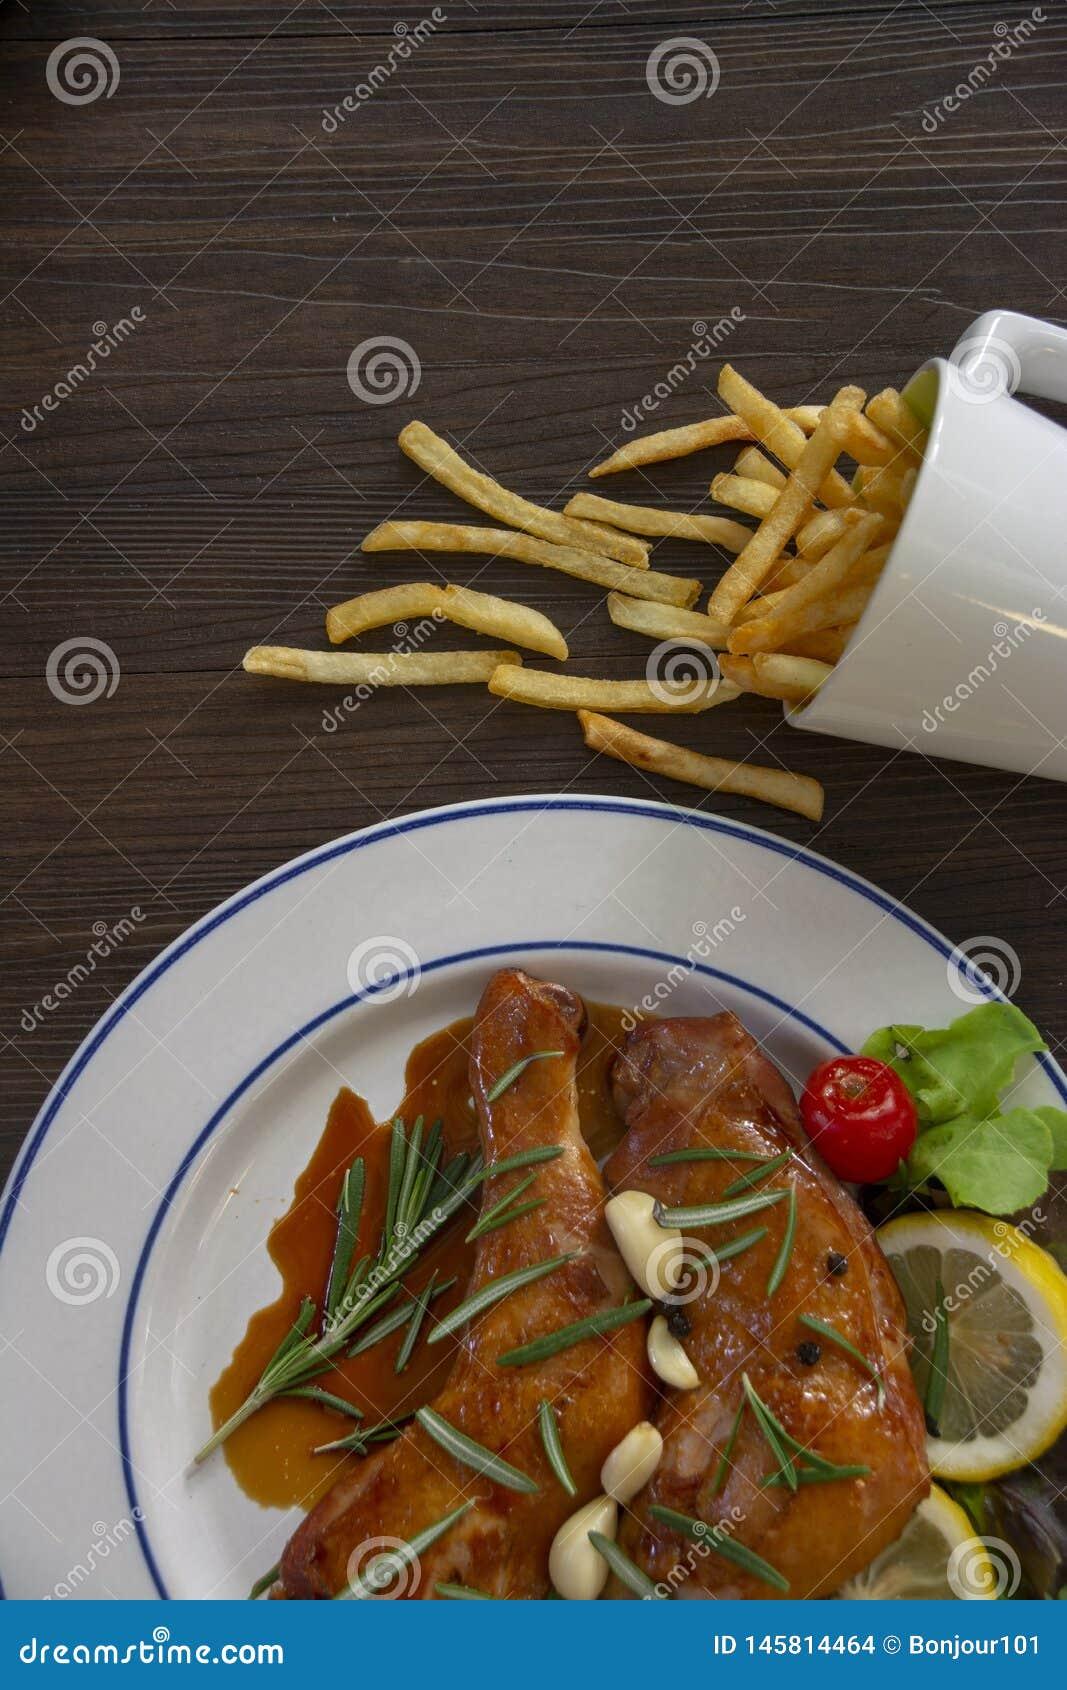 Δύο κομμάτια του κοτόπουλου τοποθετούνται σε ένα άσπρο πιάτο και η σάλτσα χύνεται στο κοτόπουλο Υπάρχει ένα δευτερεύον πιάτο με τ